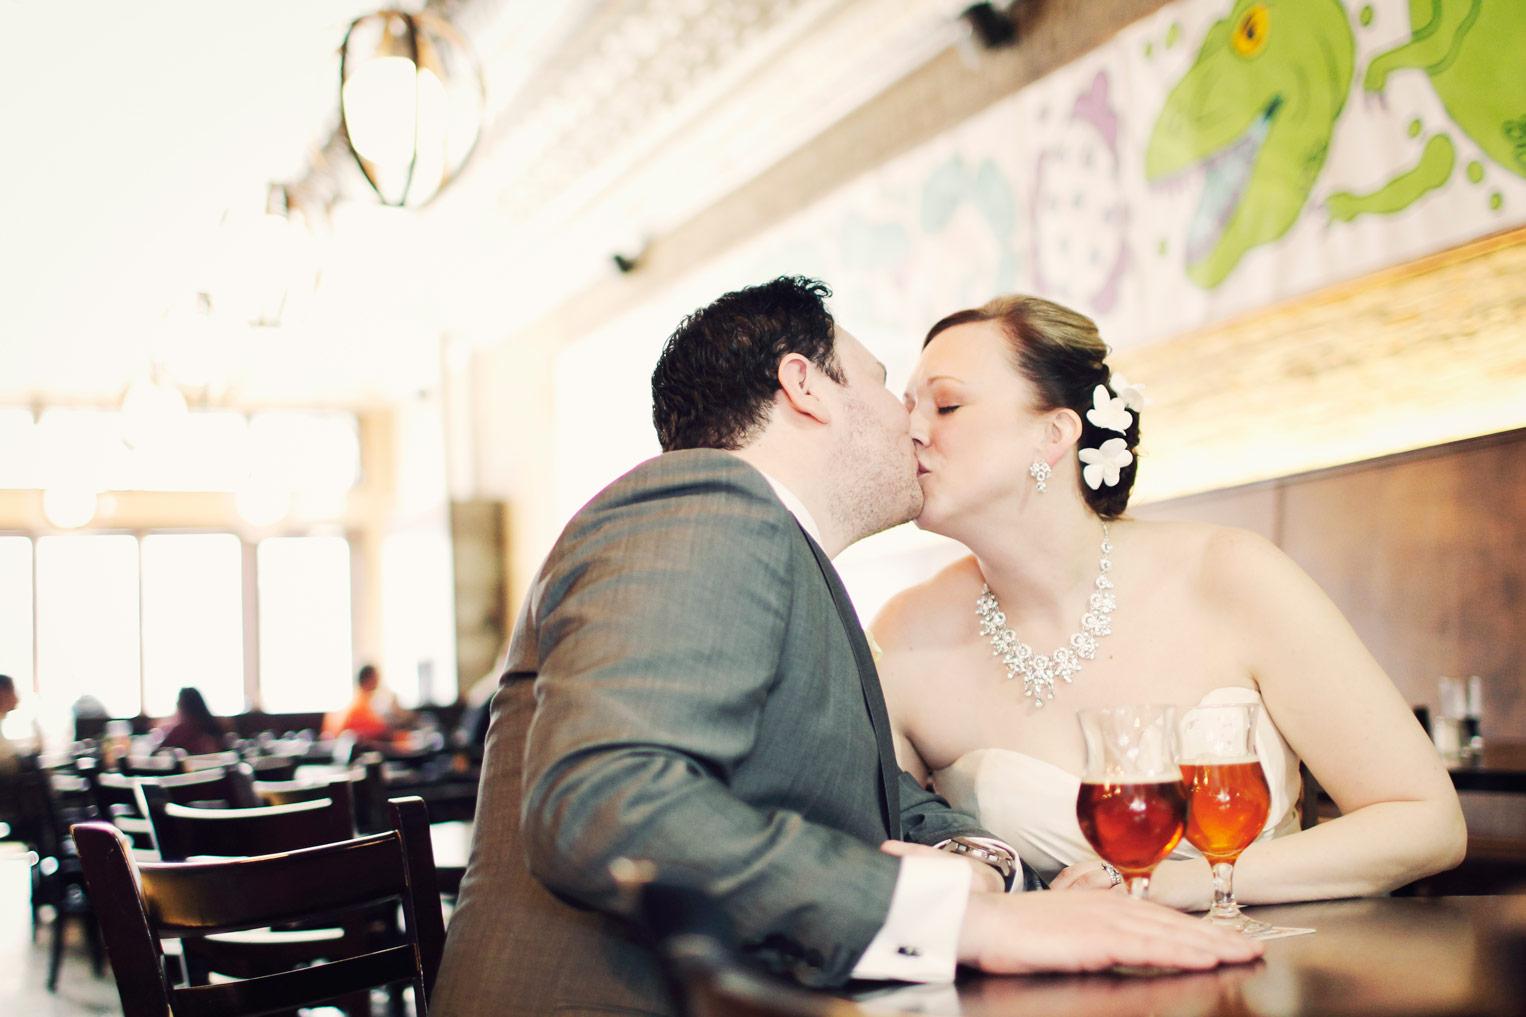 revolution-brewing-chicago-blackhawks-wedding-ruthie-hauge-photography-54.jpg